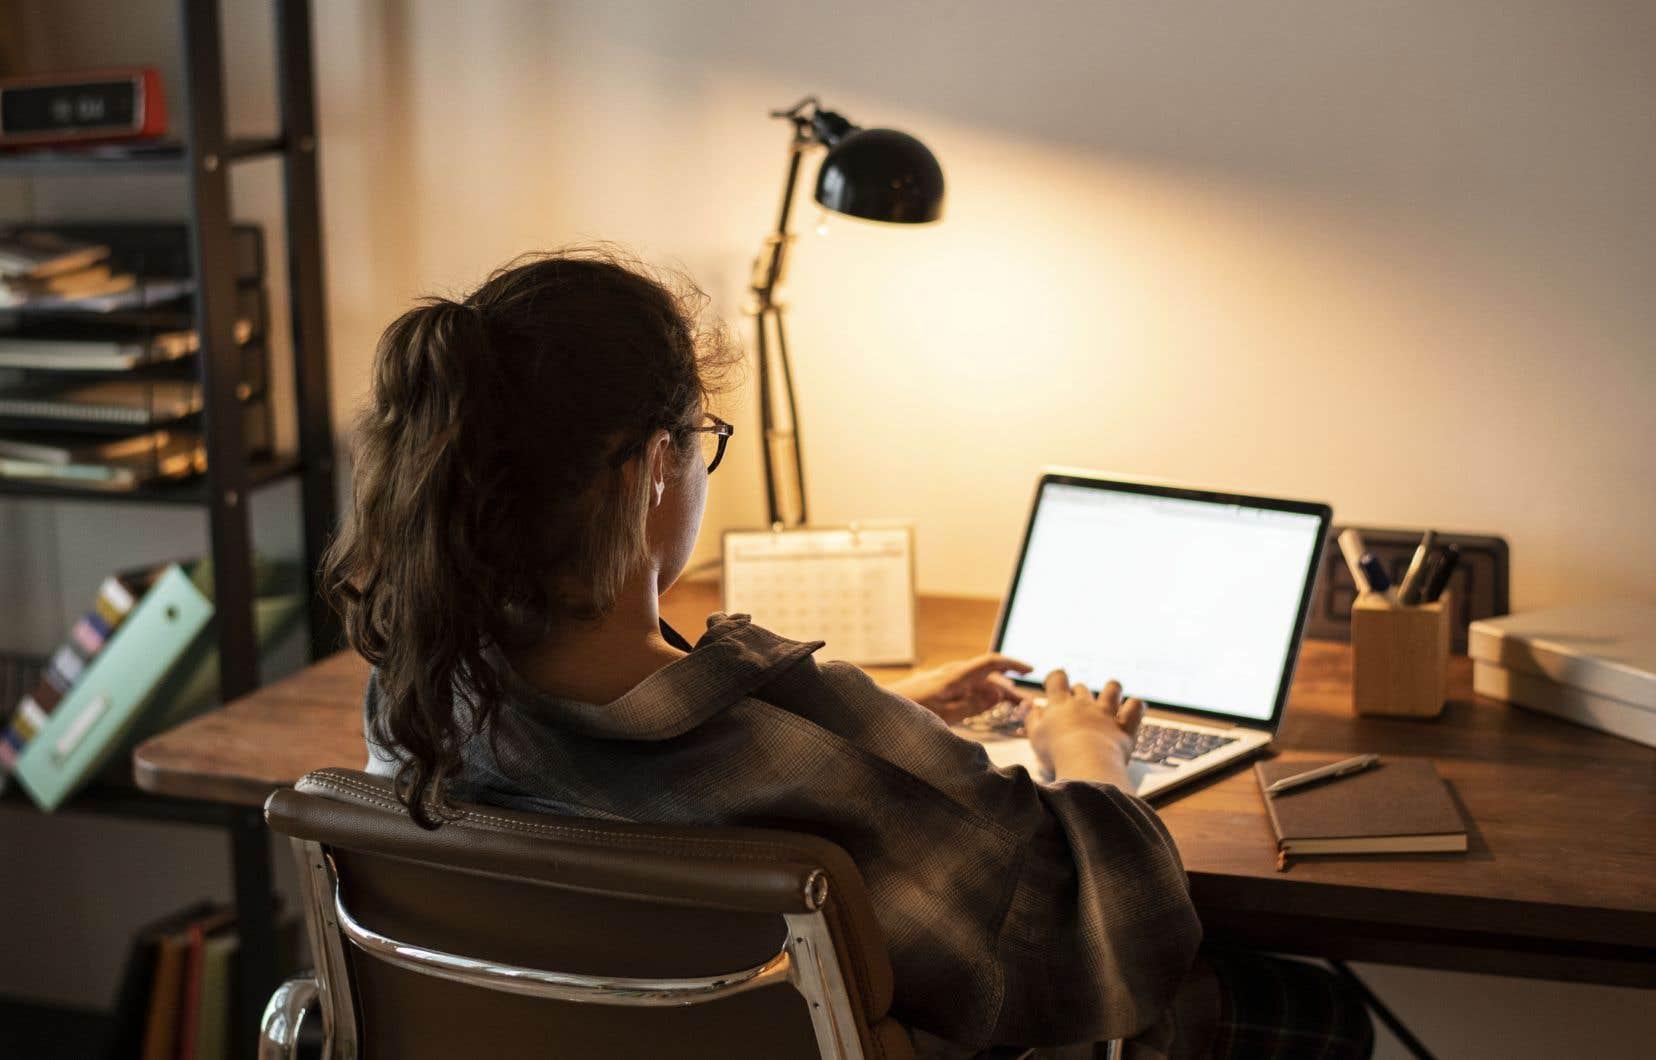 «Auprès de certains, l'école en ligne est une solution, mais pour bien des contenus, c'est un véritable casse-tête», dit l'autrice.